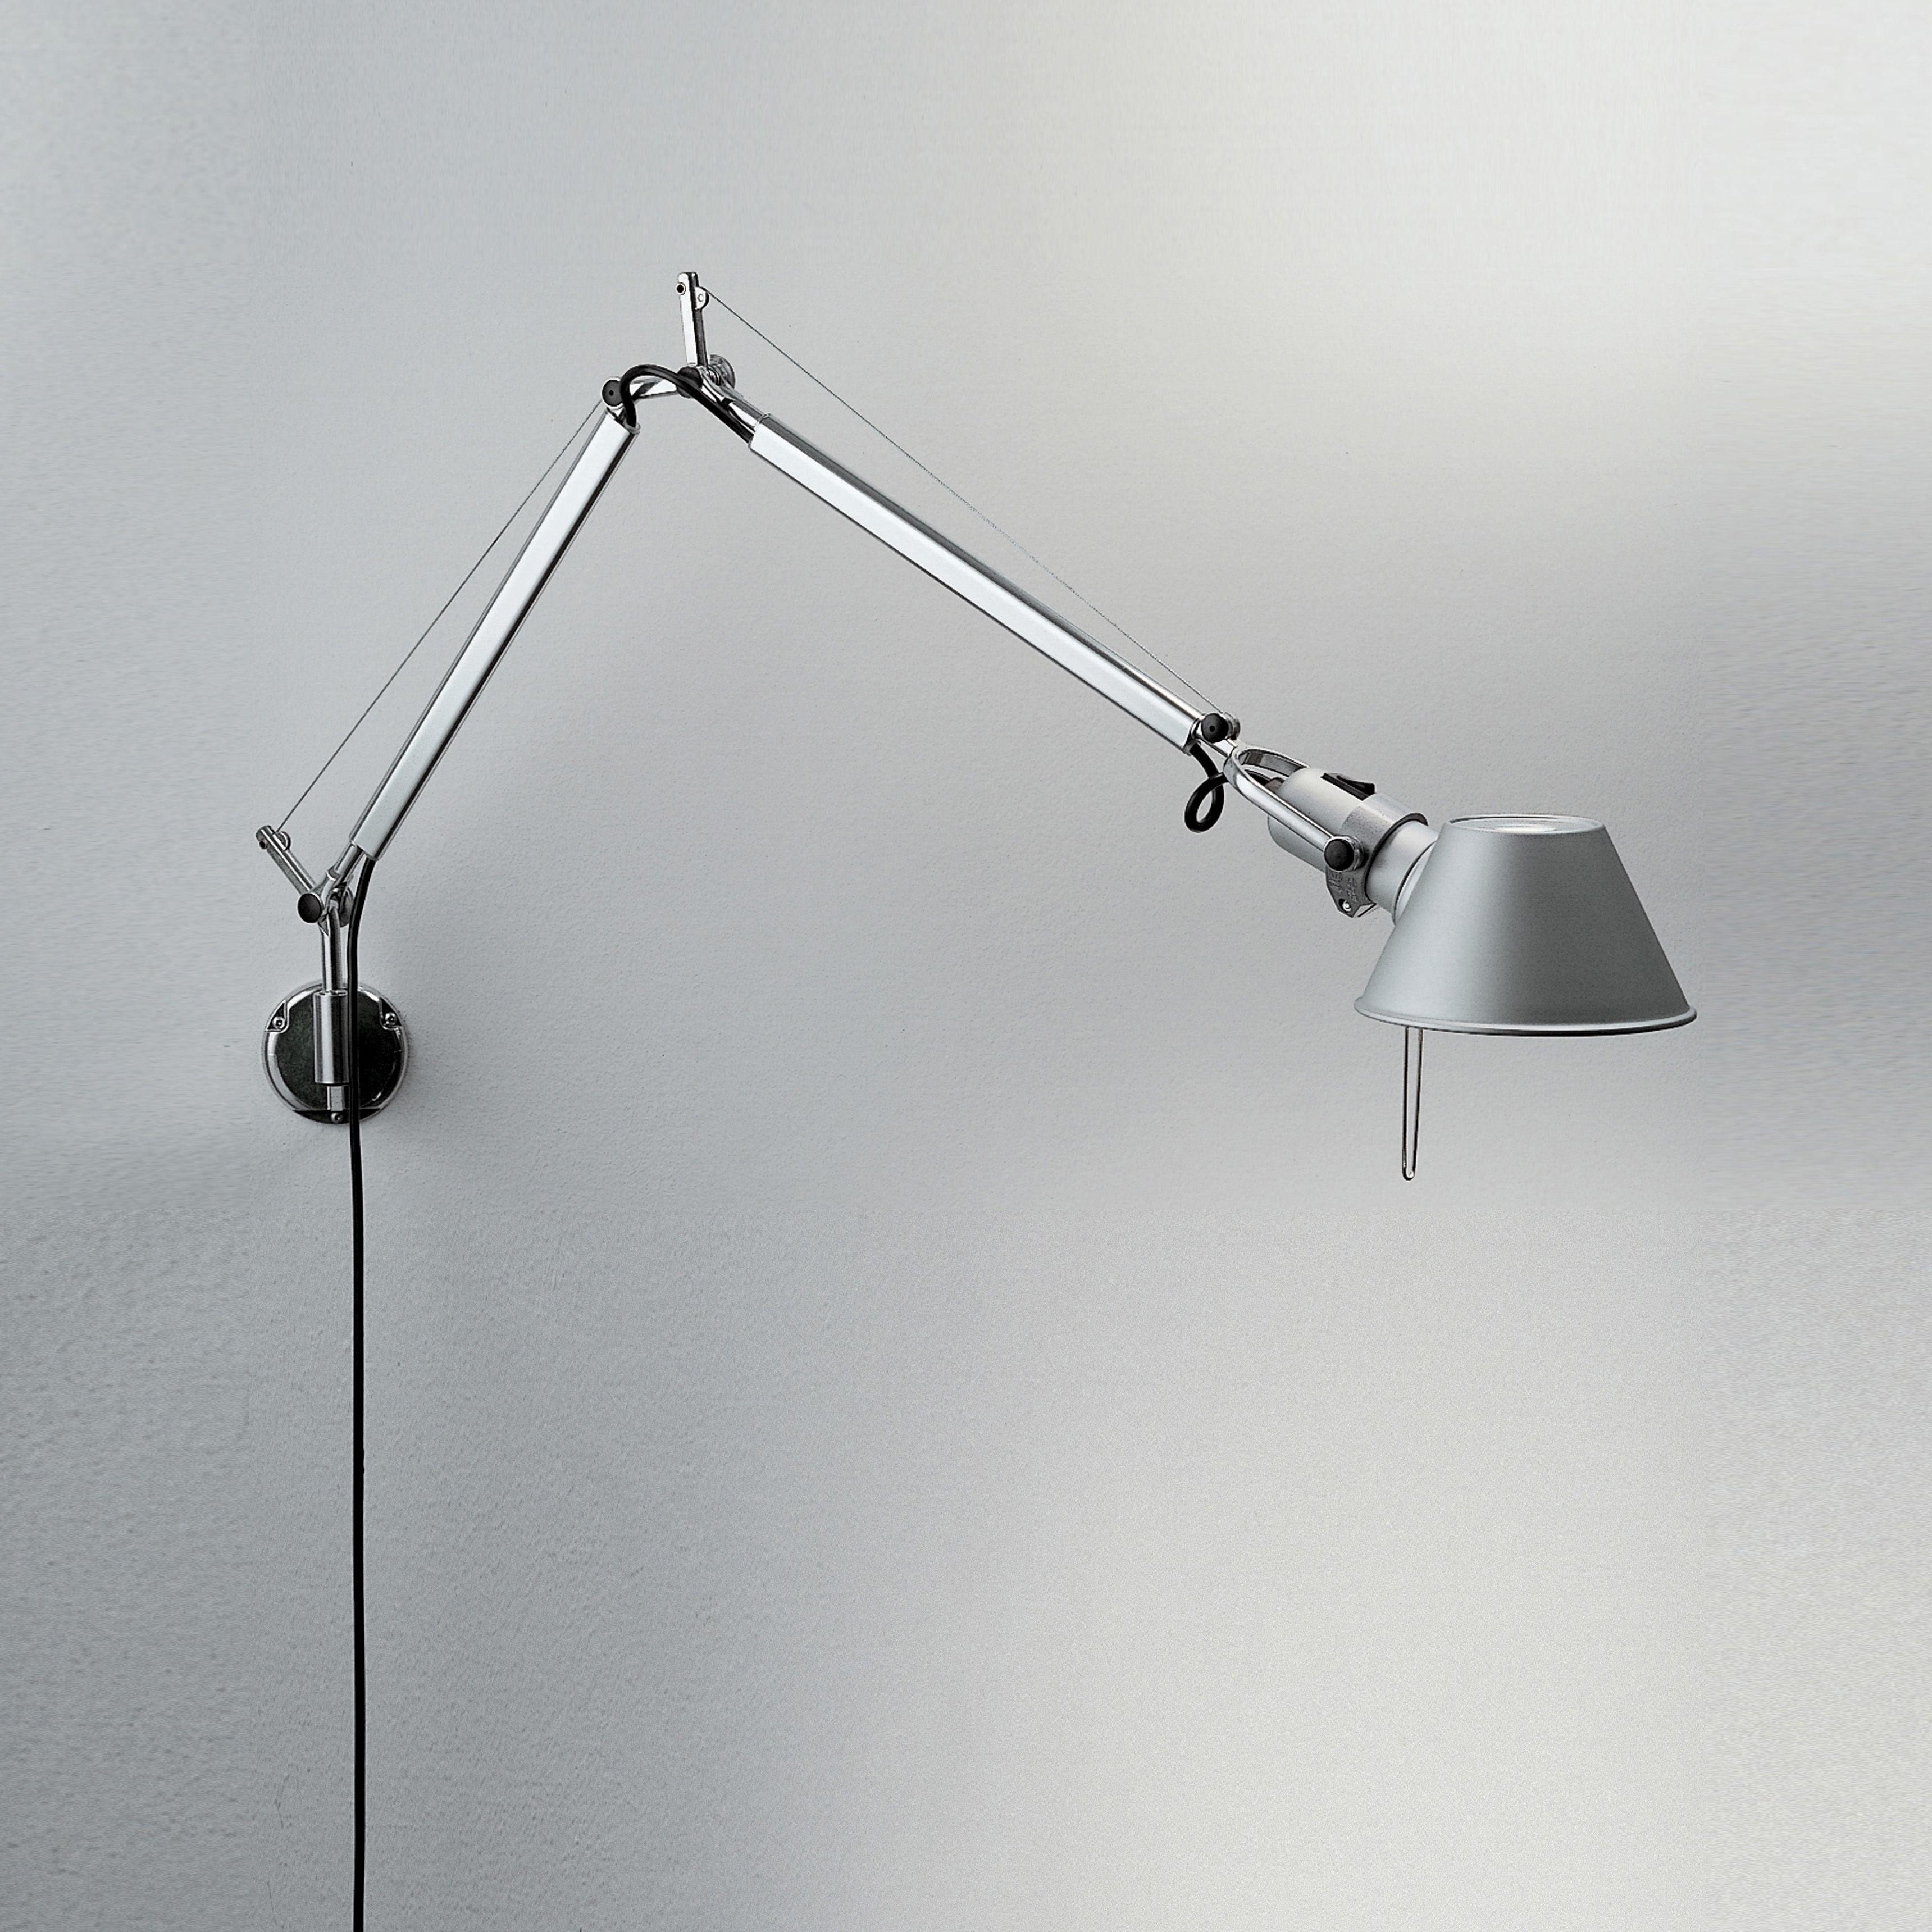 Luminaire - Appliques - Applique Tolomeo micro Wall LED / Bras articulé - L 49 cm - Artemide - L 49 cm / Aluminium - Aluminium